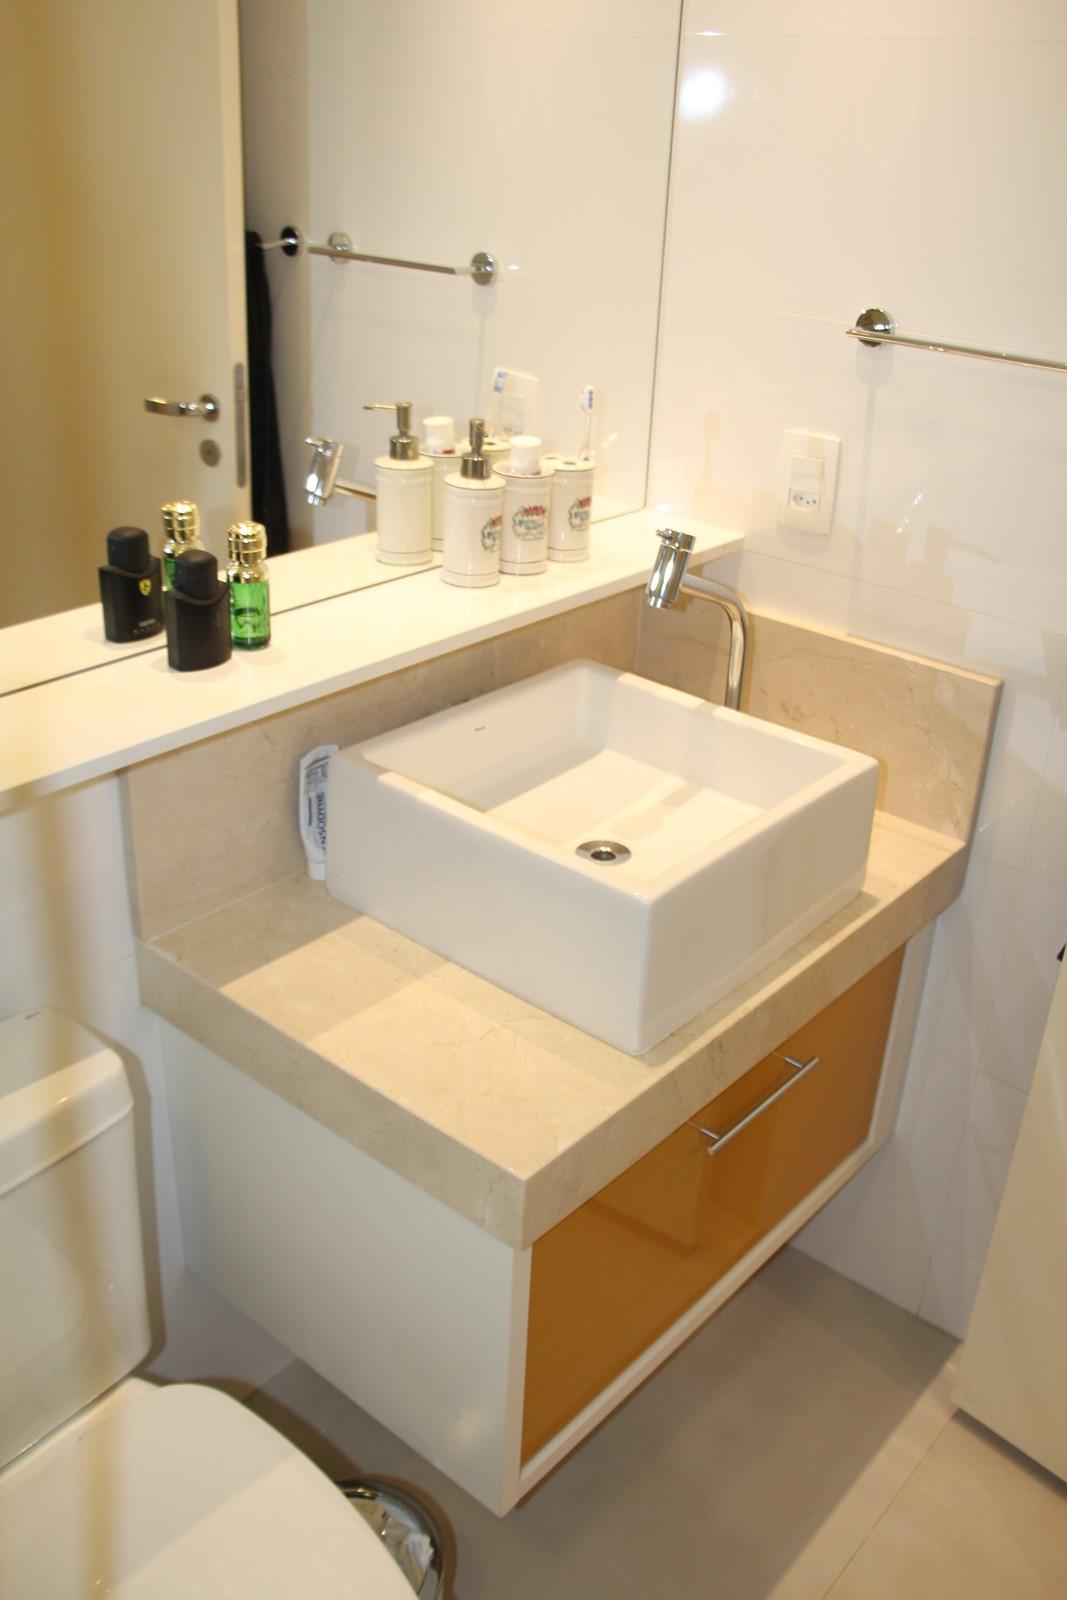 bancada da pia do banheiro social #7C4F1E 1067x1600 Bancada Banheiro Material